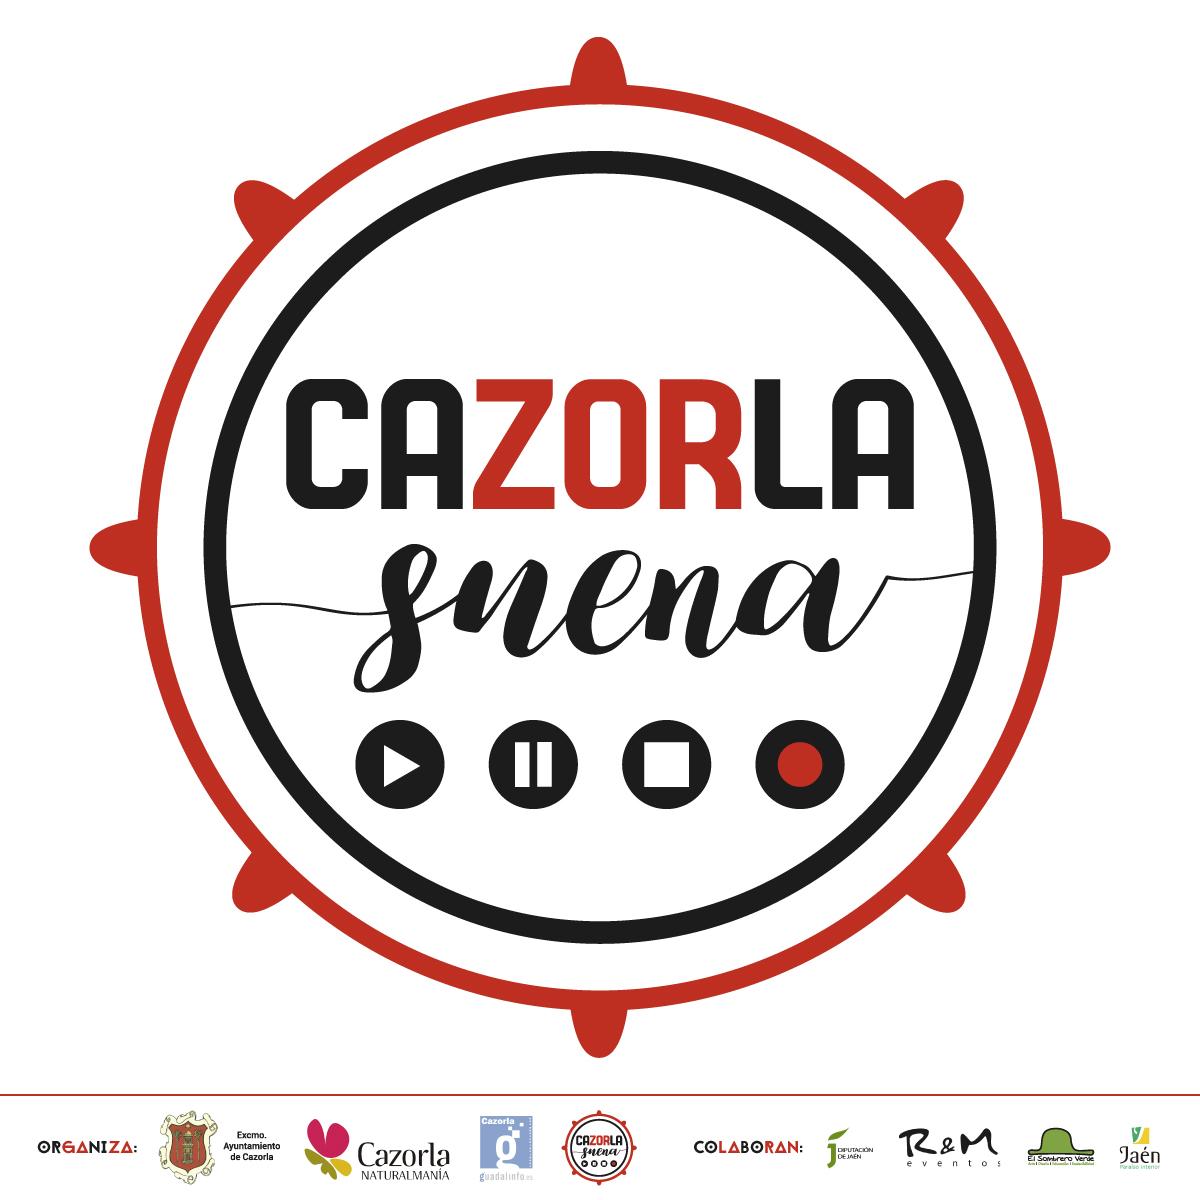 CENTRO_920_2016 Festival Cazorla Suena FB-01